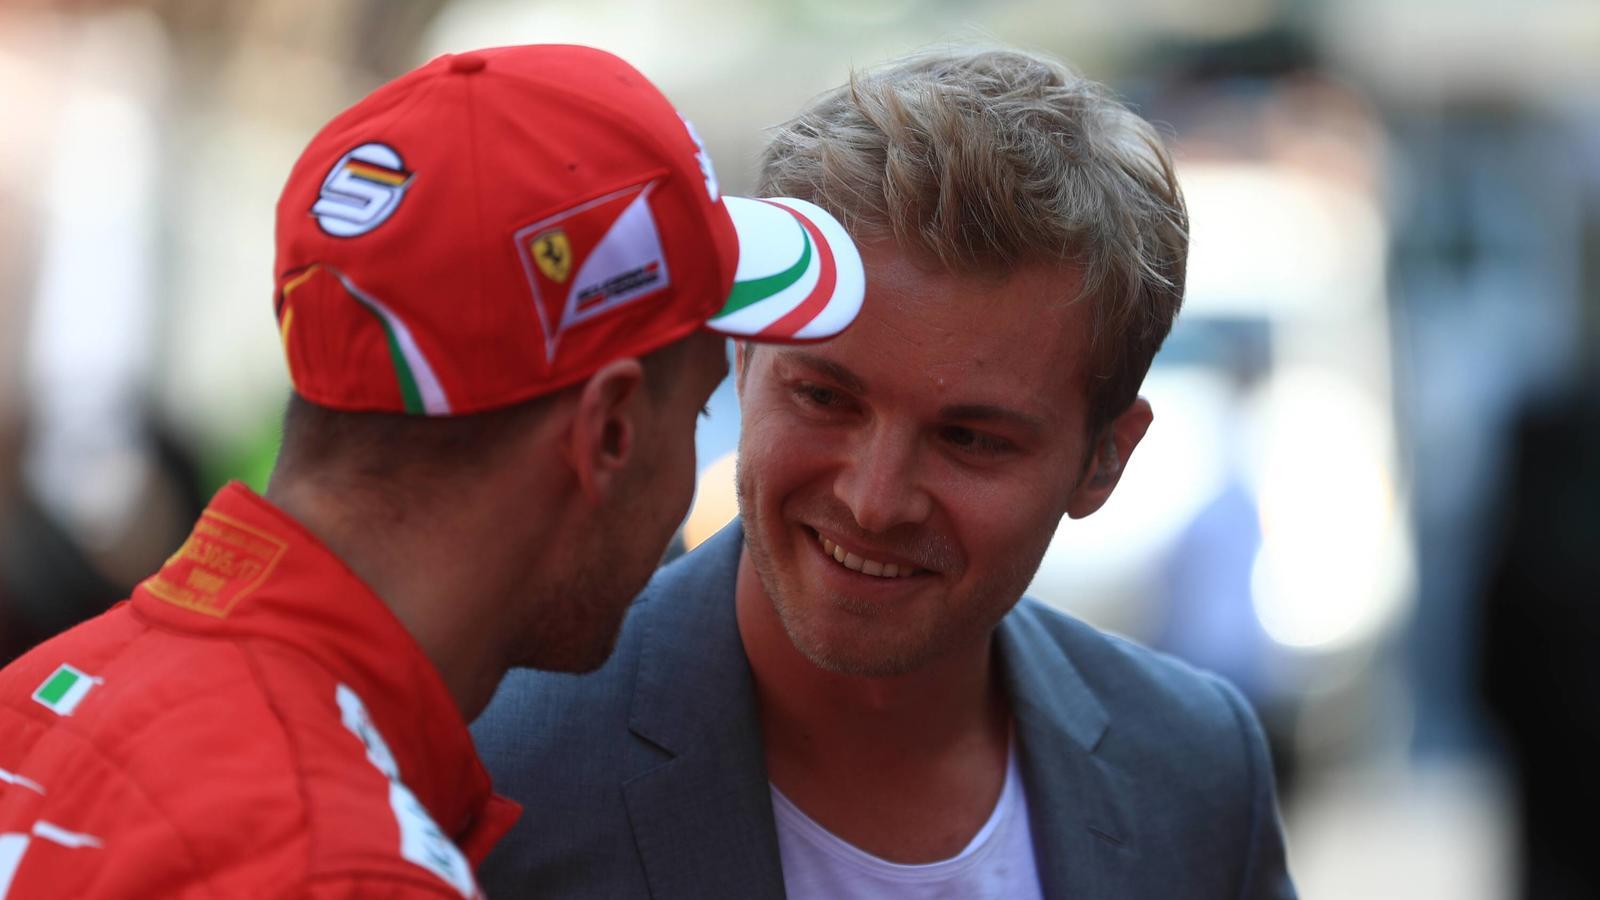 May 28th 2017 Monaco F1 Grand Prix of Monaco Race Day Sebastian Vettel Scuderia Ferrari wins th